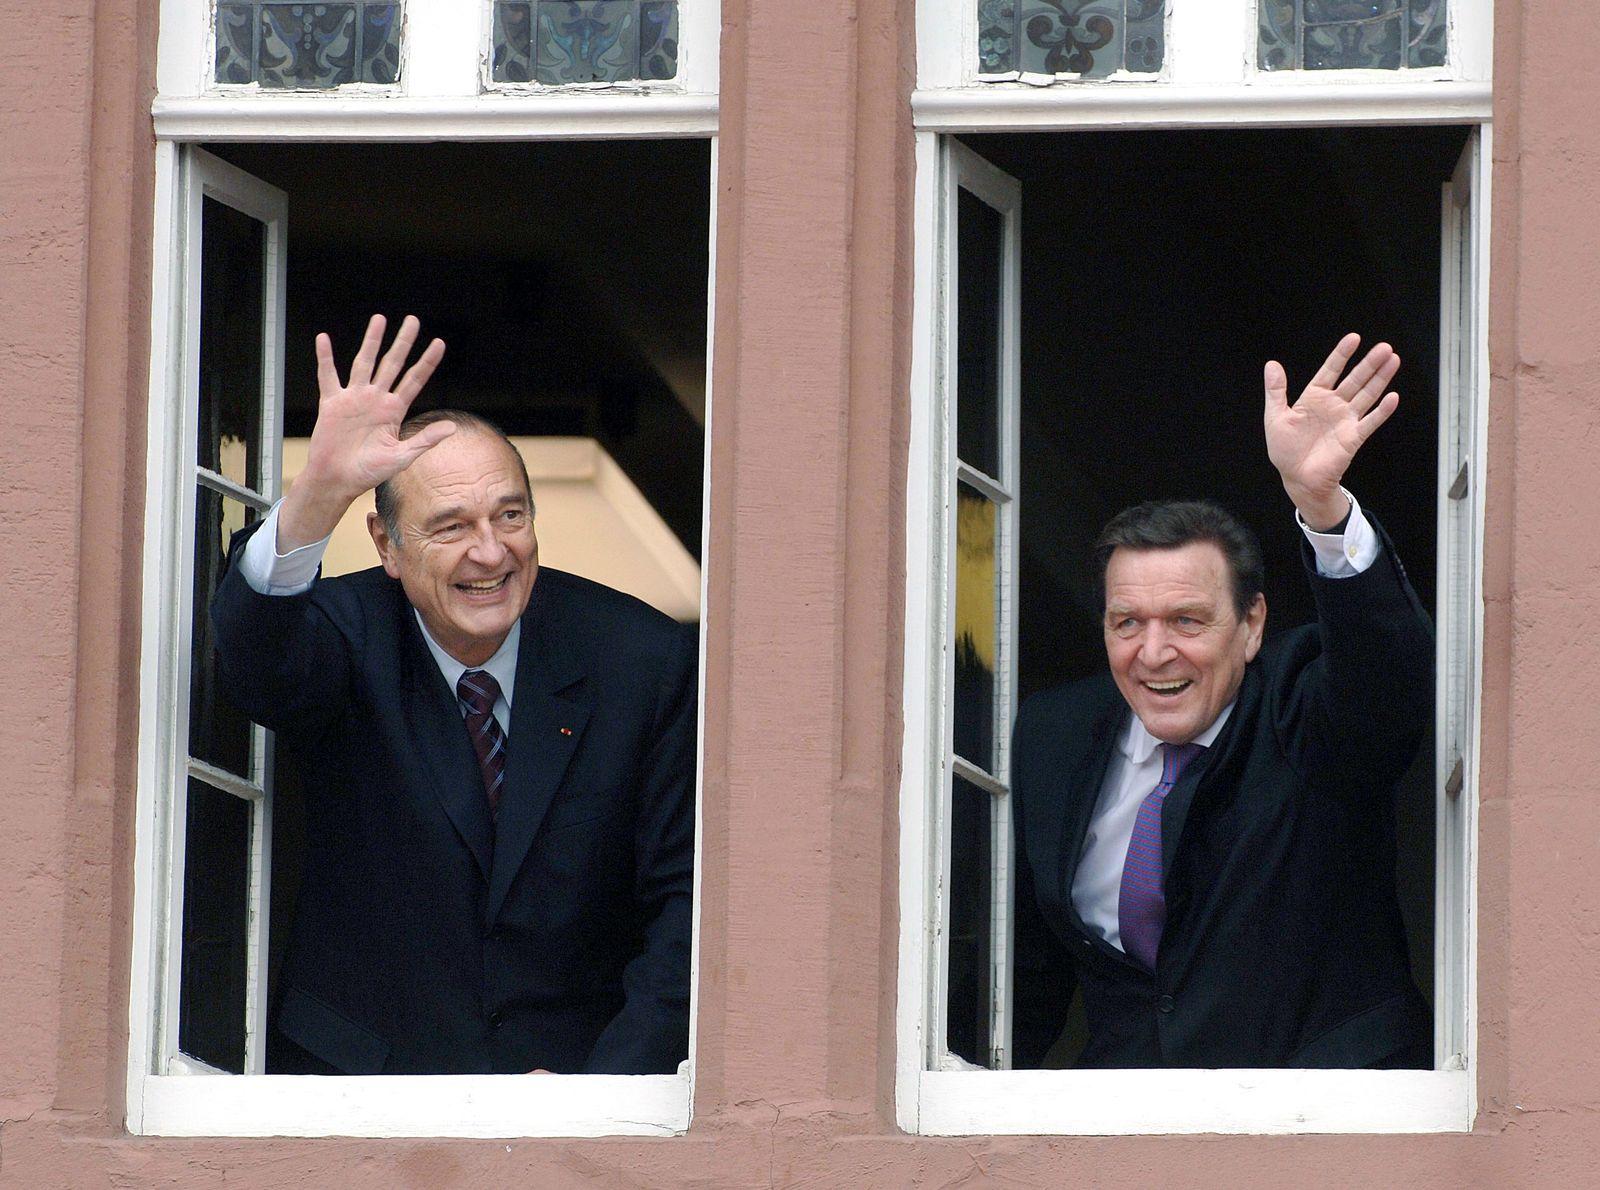 Jacques Chirac / Gerhard Schröder